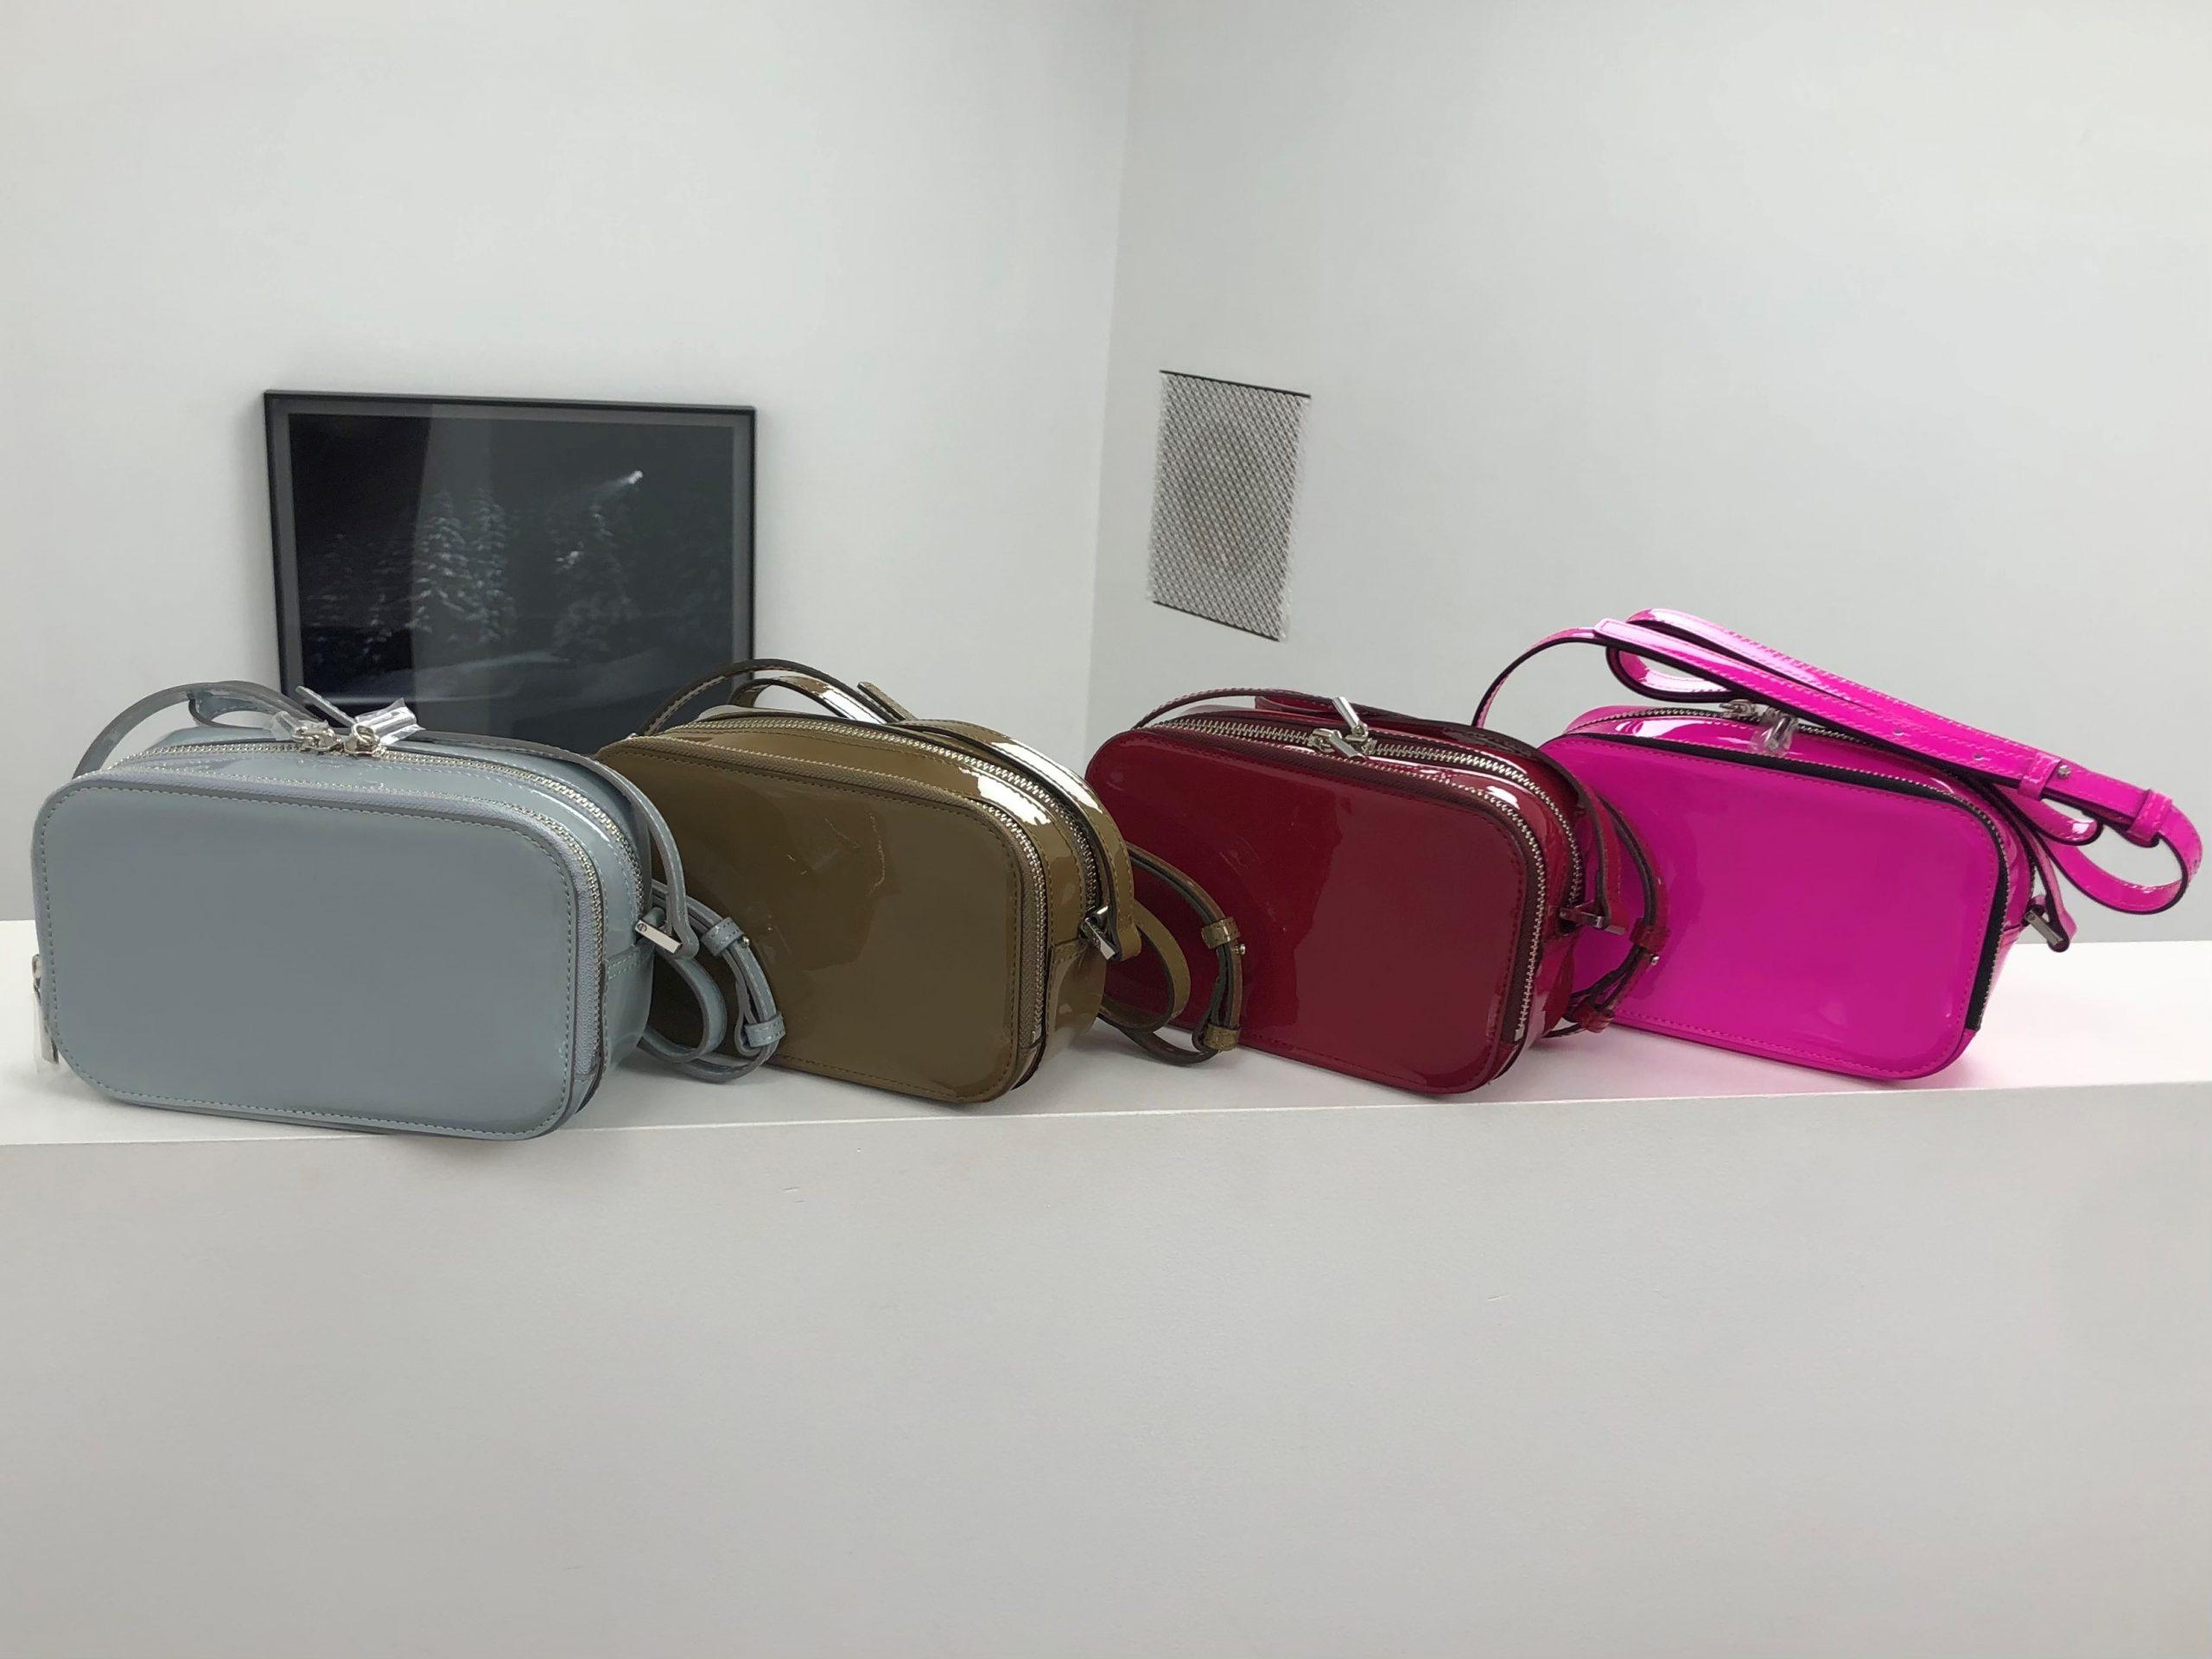 【Epoi本店】SALEバッグのご紹介&LINEアカウント開設